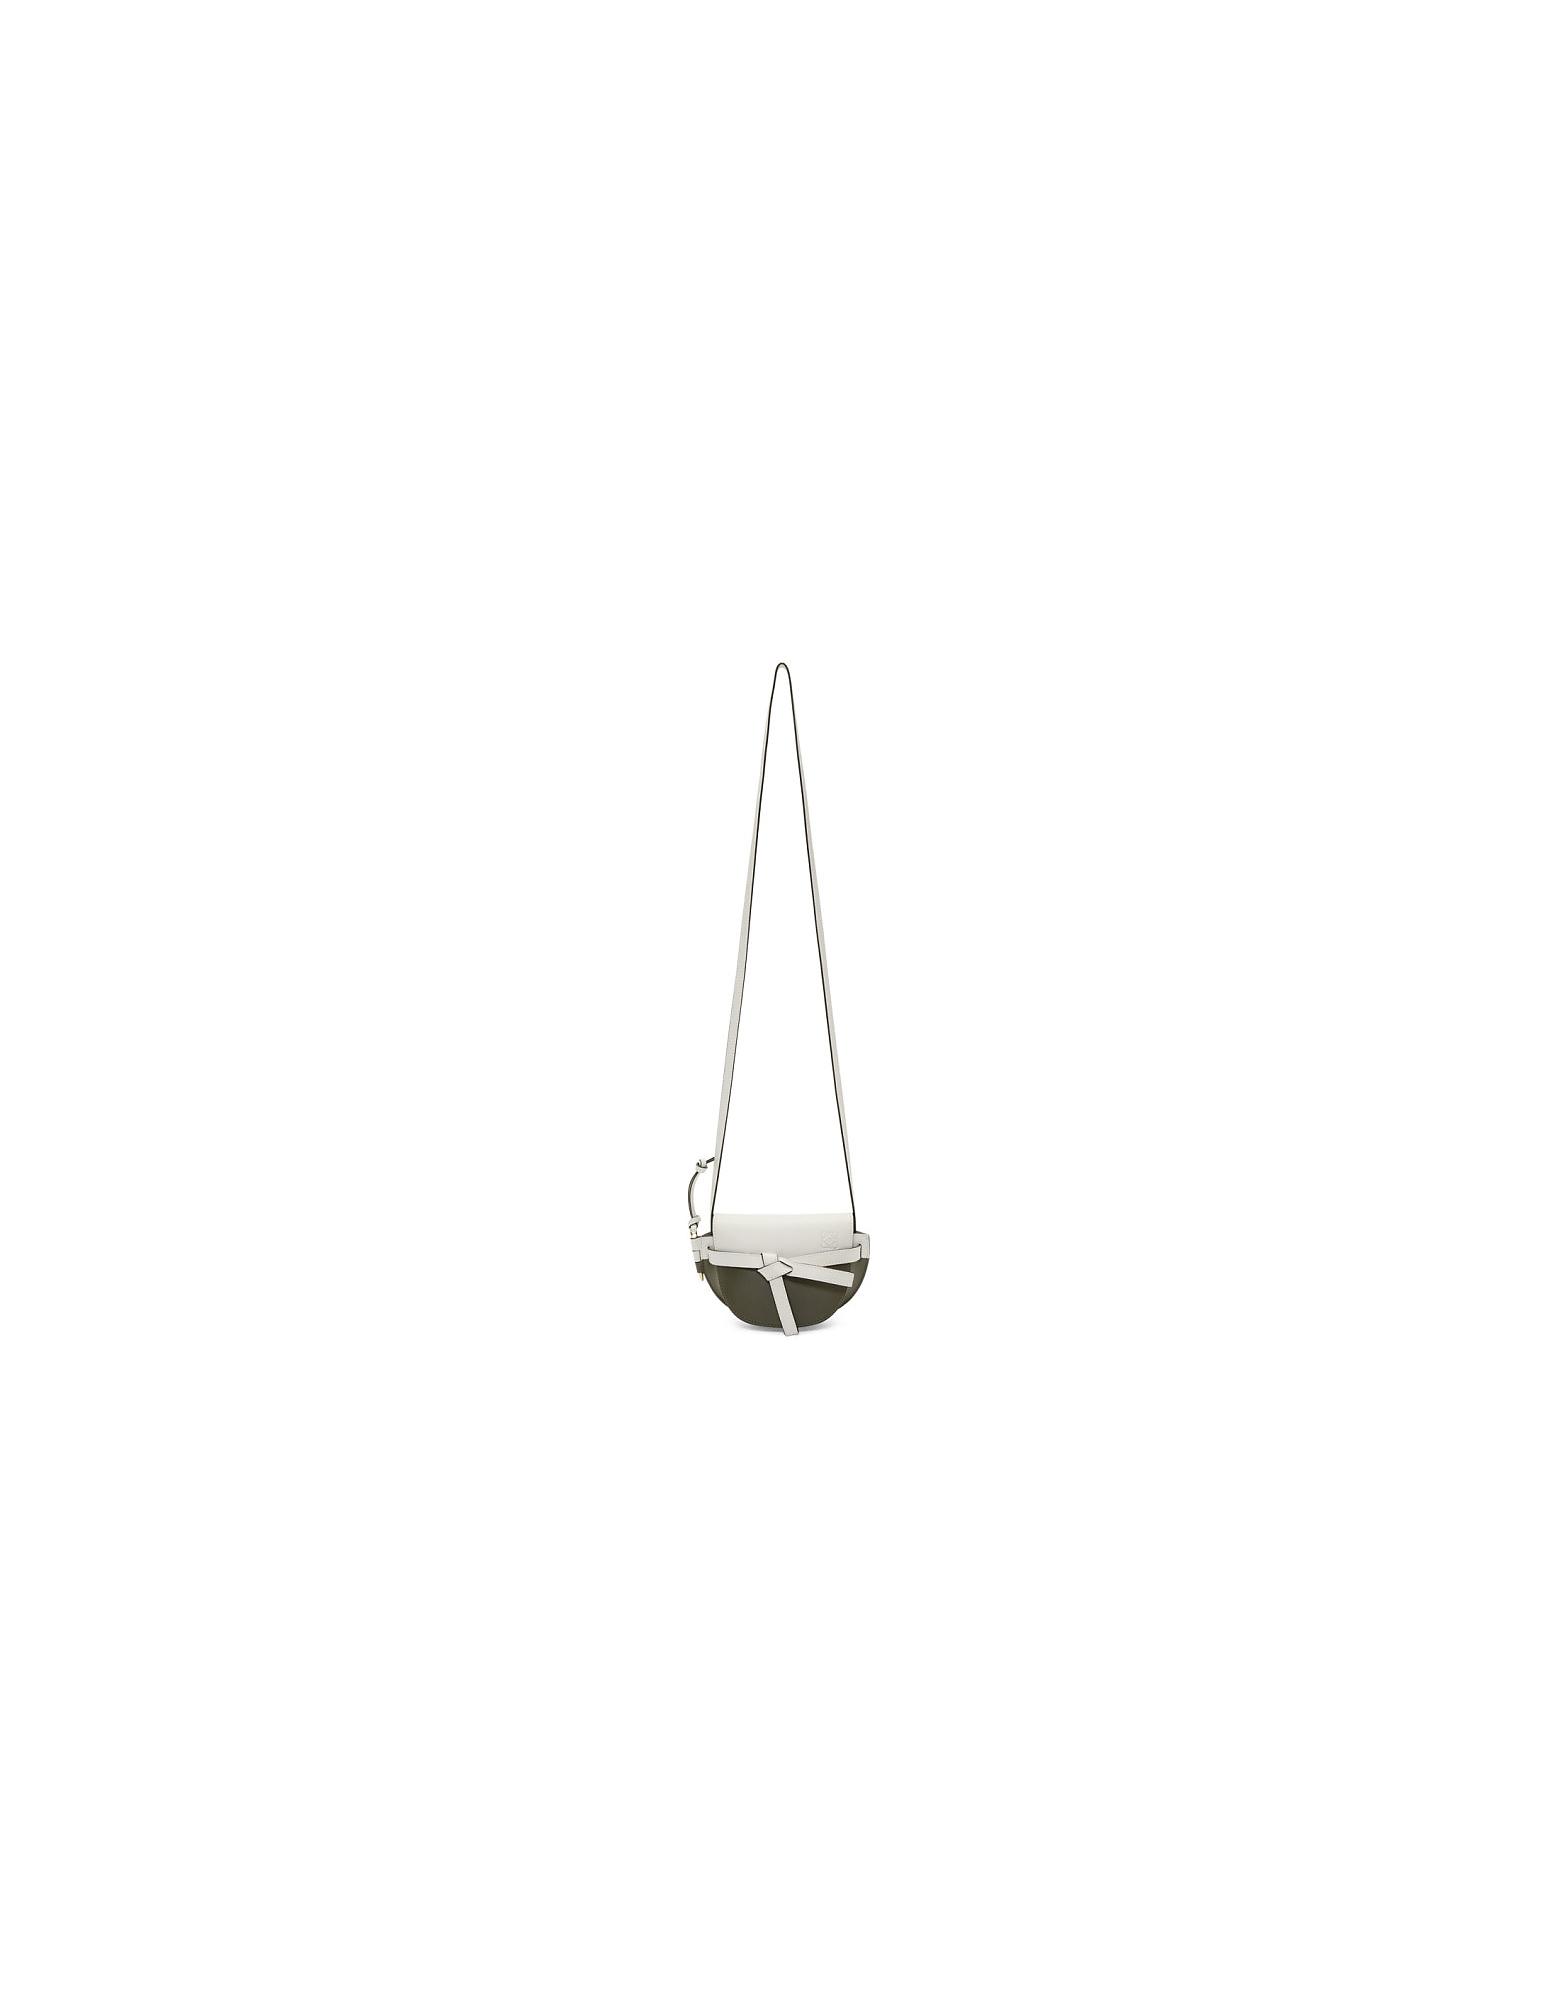 Loewe Designer Handbags, Green and White Mini Gate Colorblock Bag